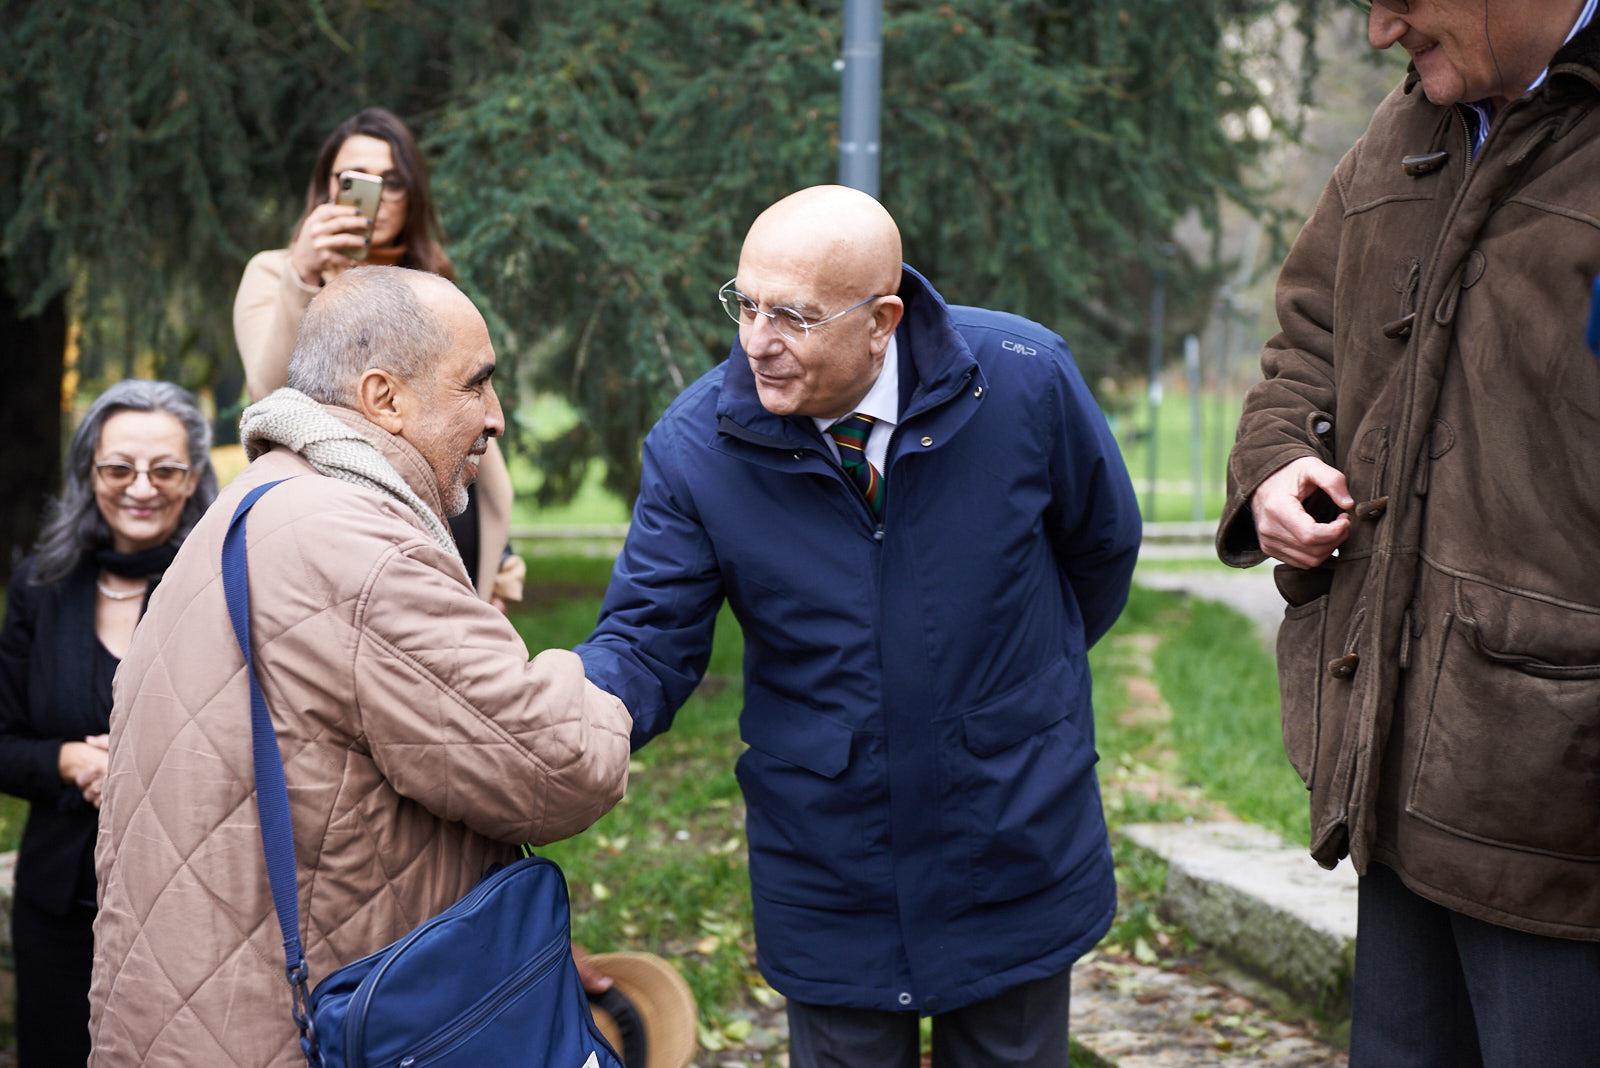 Gabriele Albertini, già sindaco di Milano, sostenitore nel 2003 della creazione del Giardino di Milano, con Mohamed Naceur ben Abdesslem, Giusto al Giardino di Milano